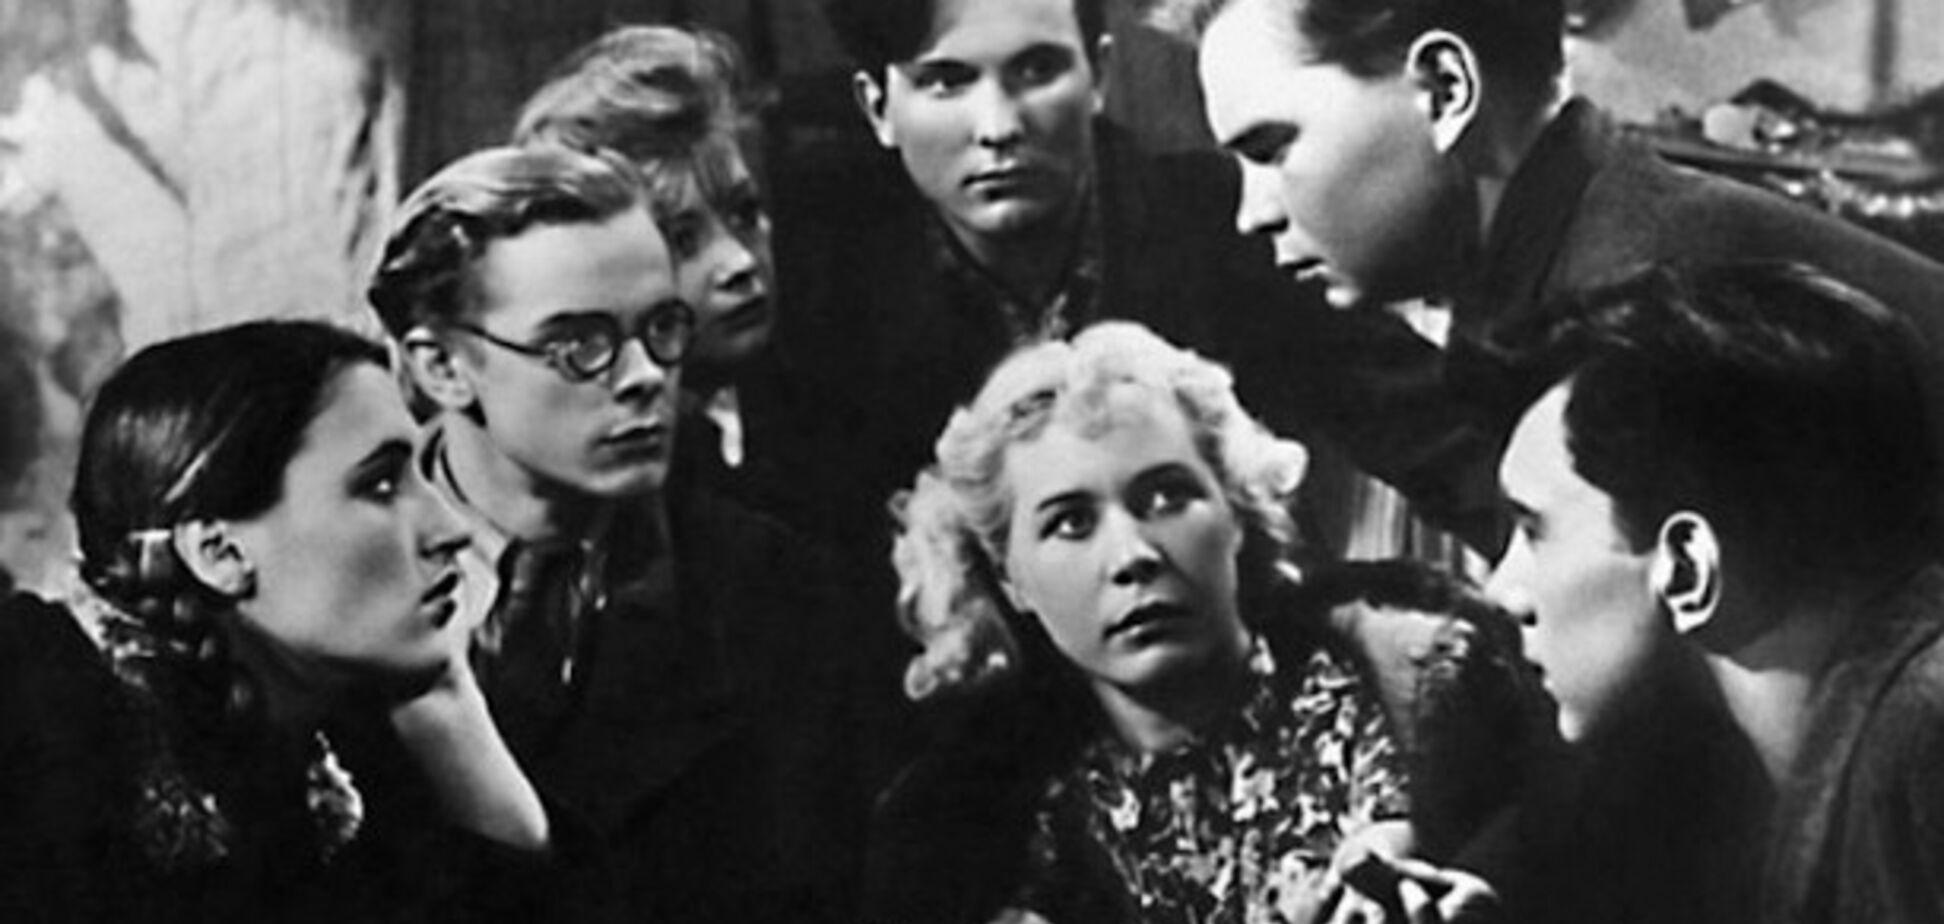 'Молодая гвардия' - история, которой не было